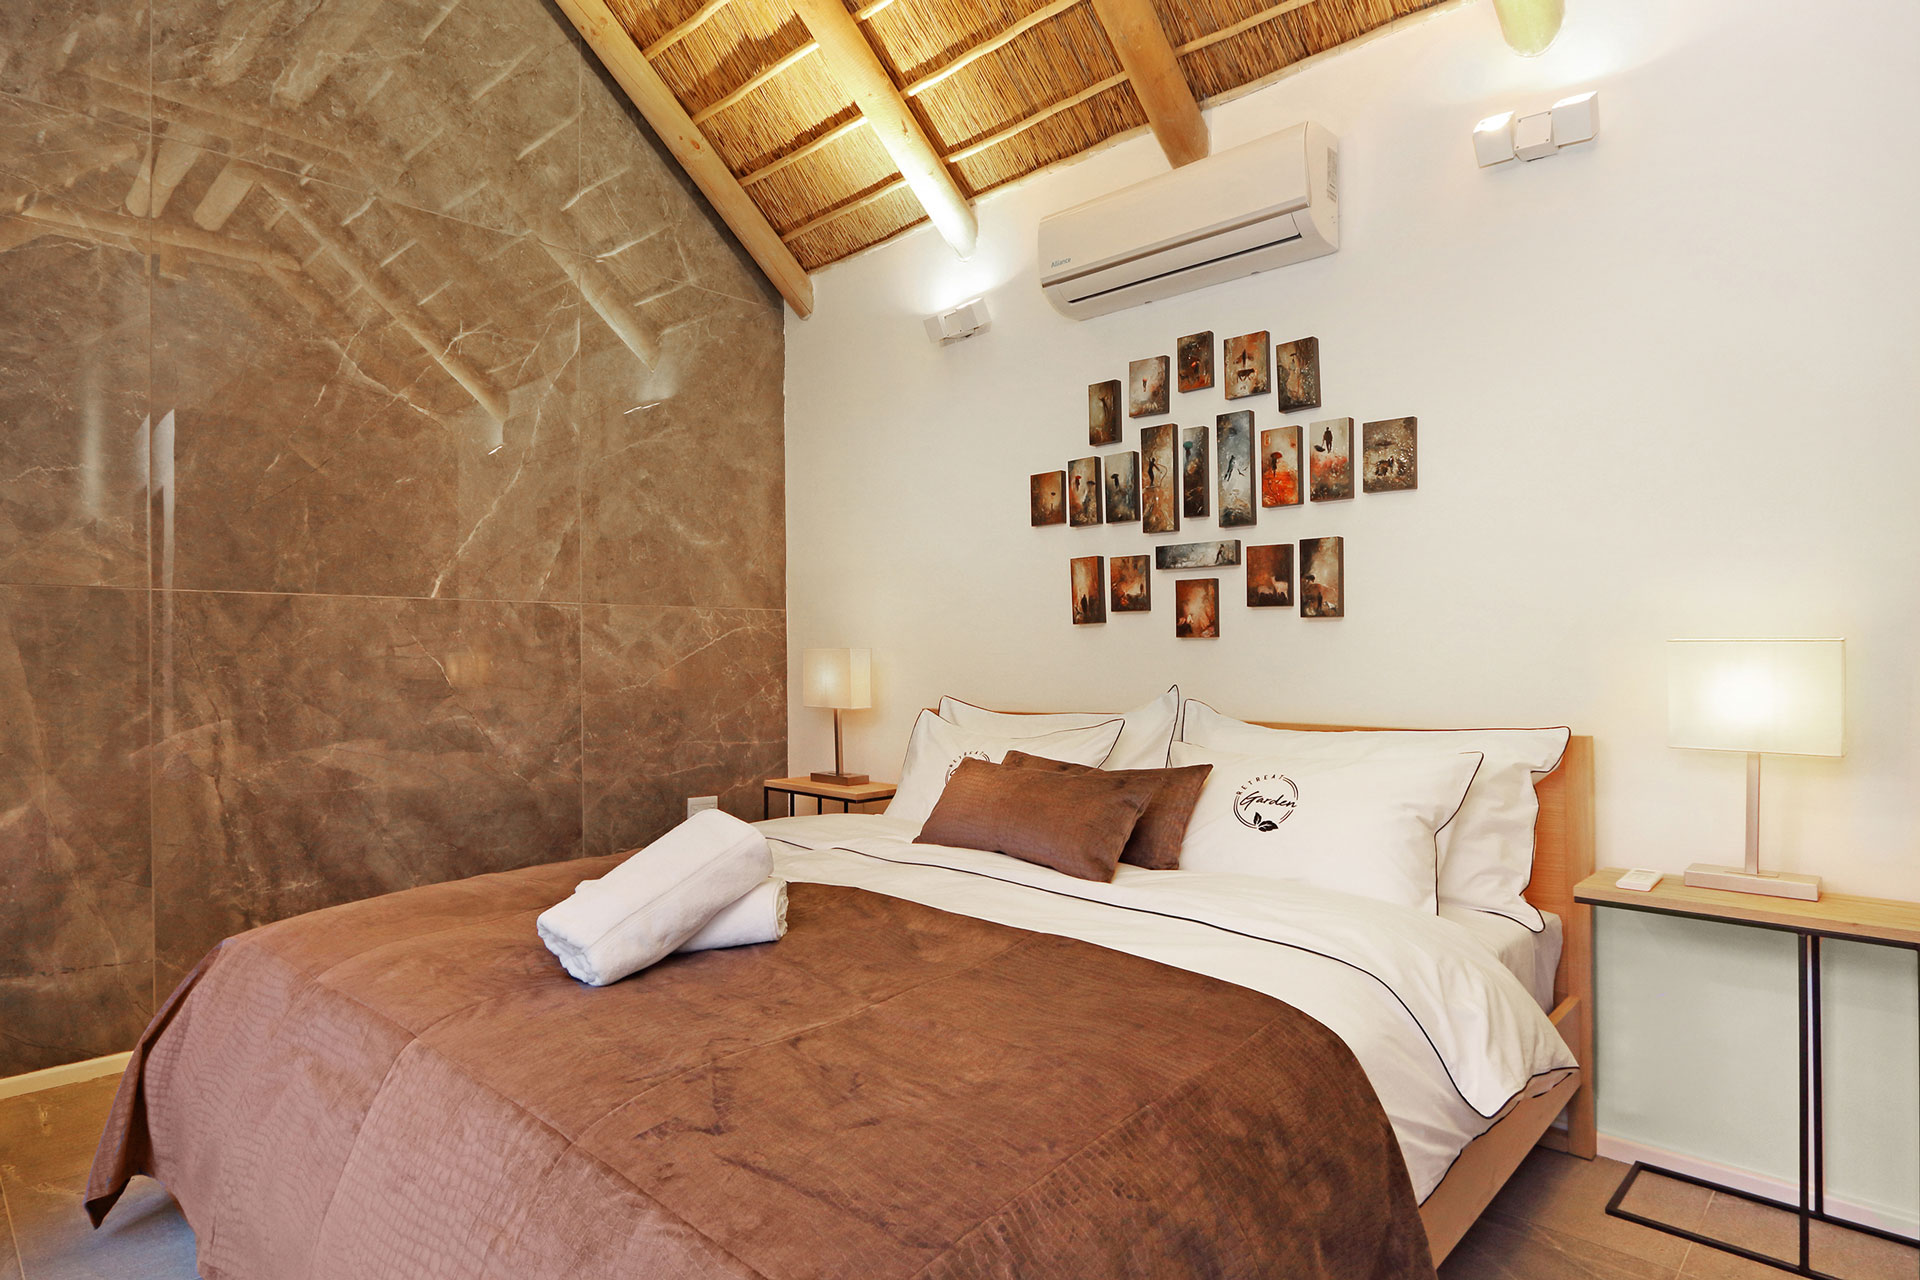 Garden Retreat's Deluxe Cottage bedroom